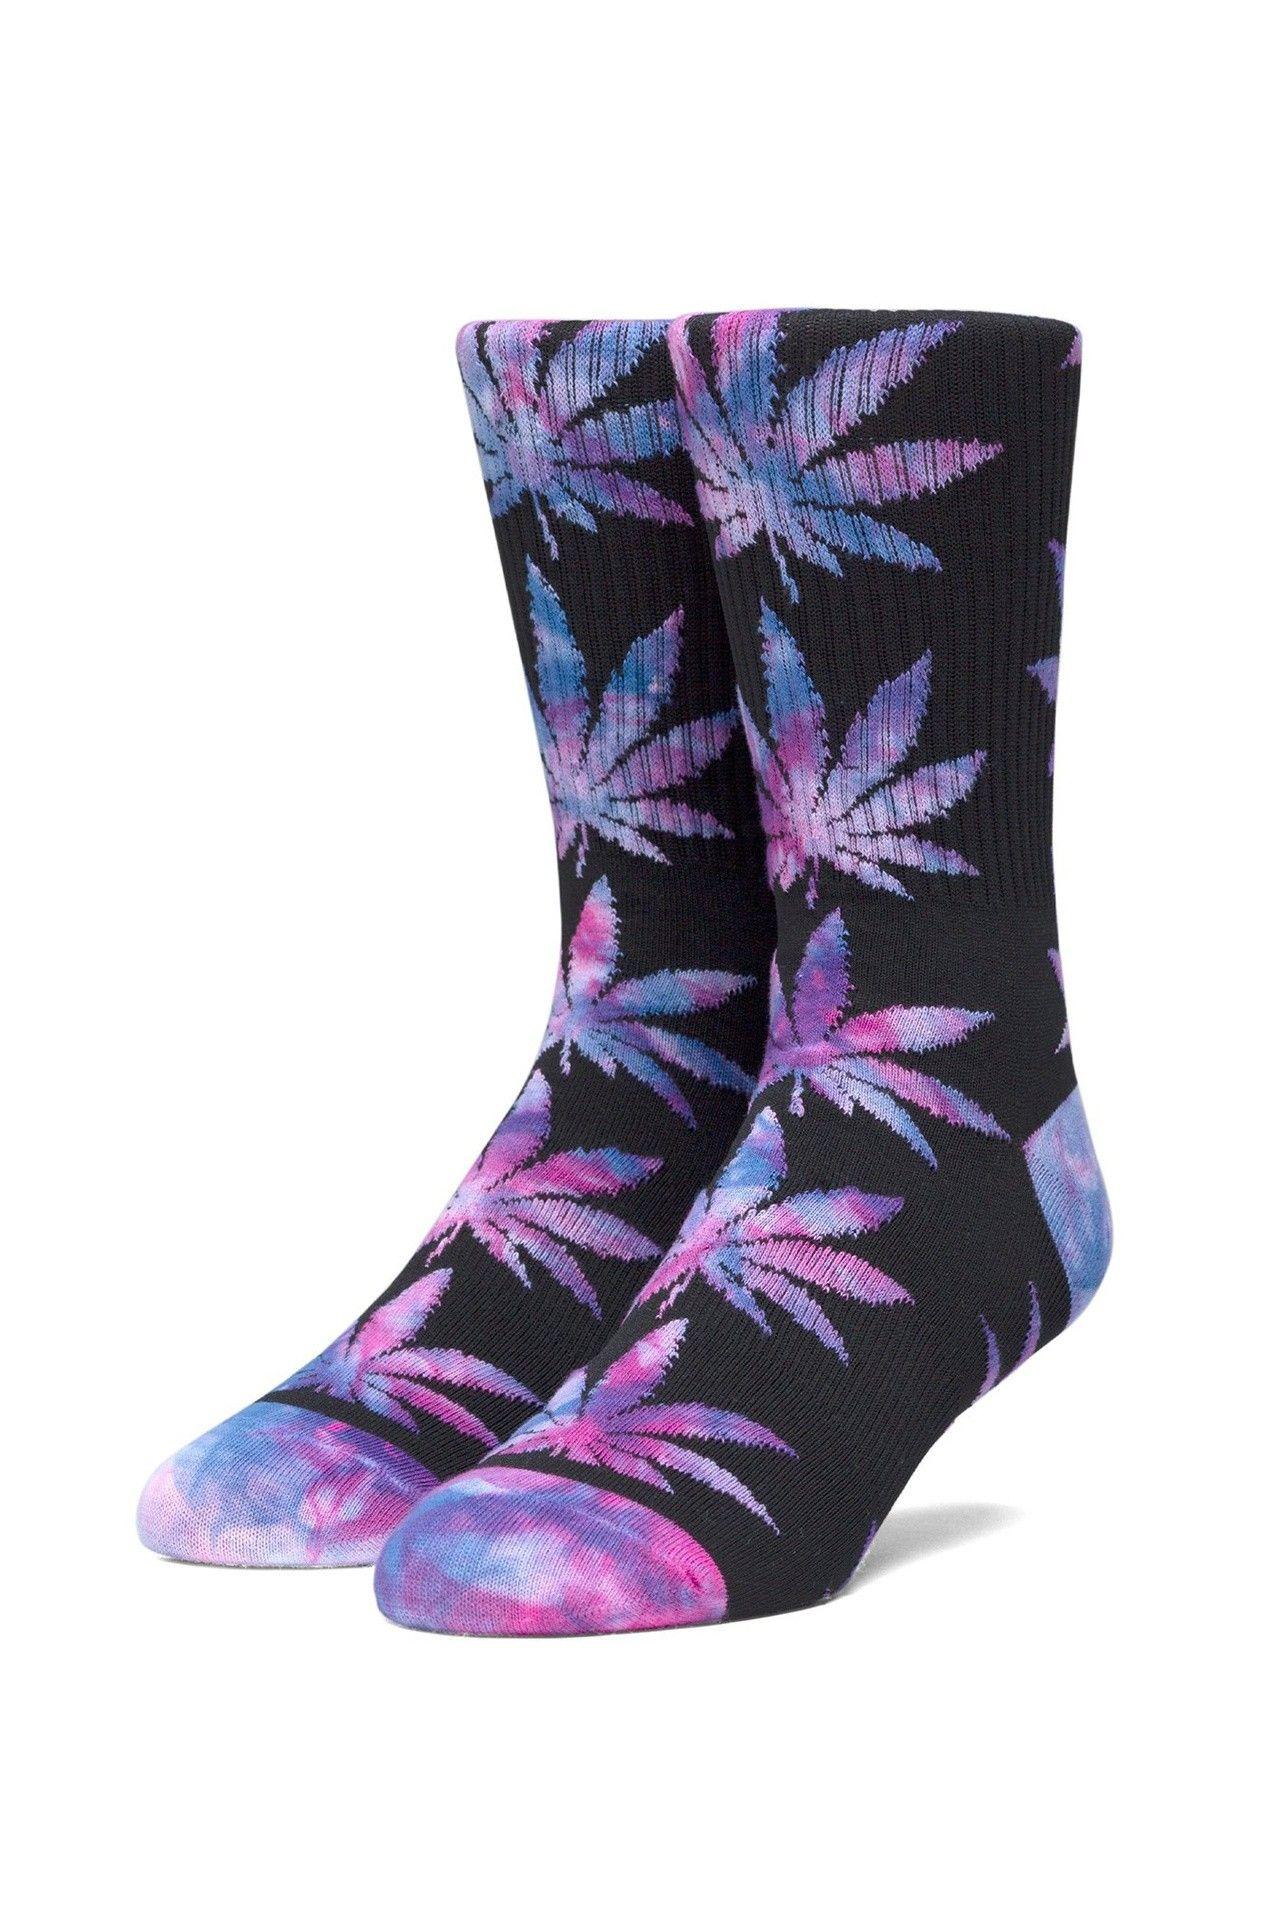 Afbeelding van HUF Sokken Plantlife Tiedye Leaves Sock Black SK00433-BLACK